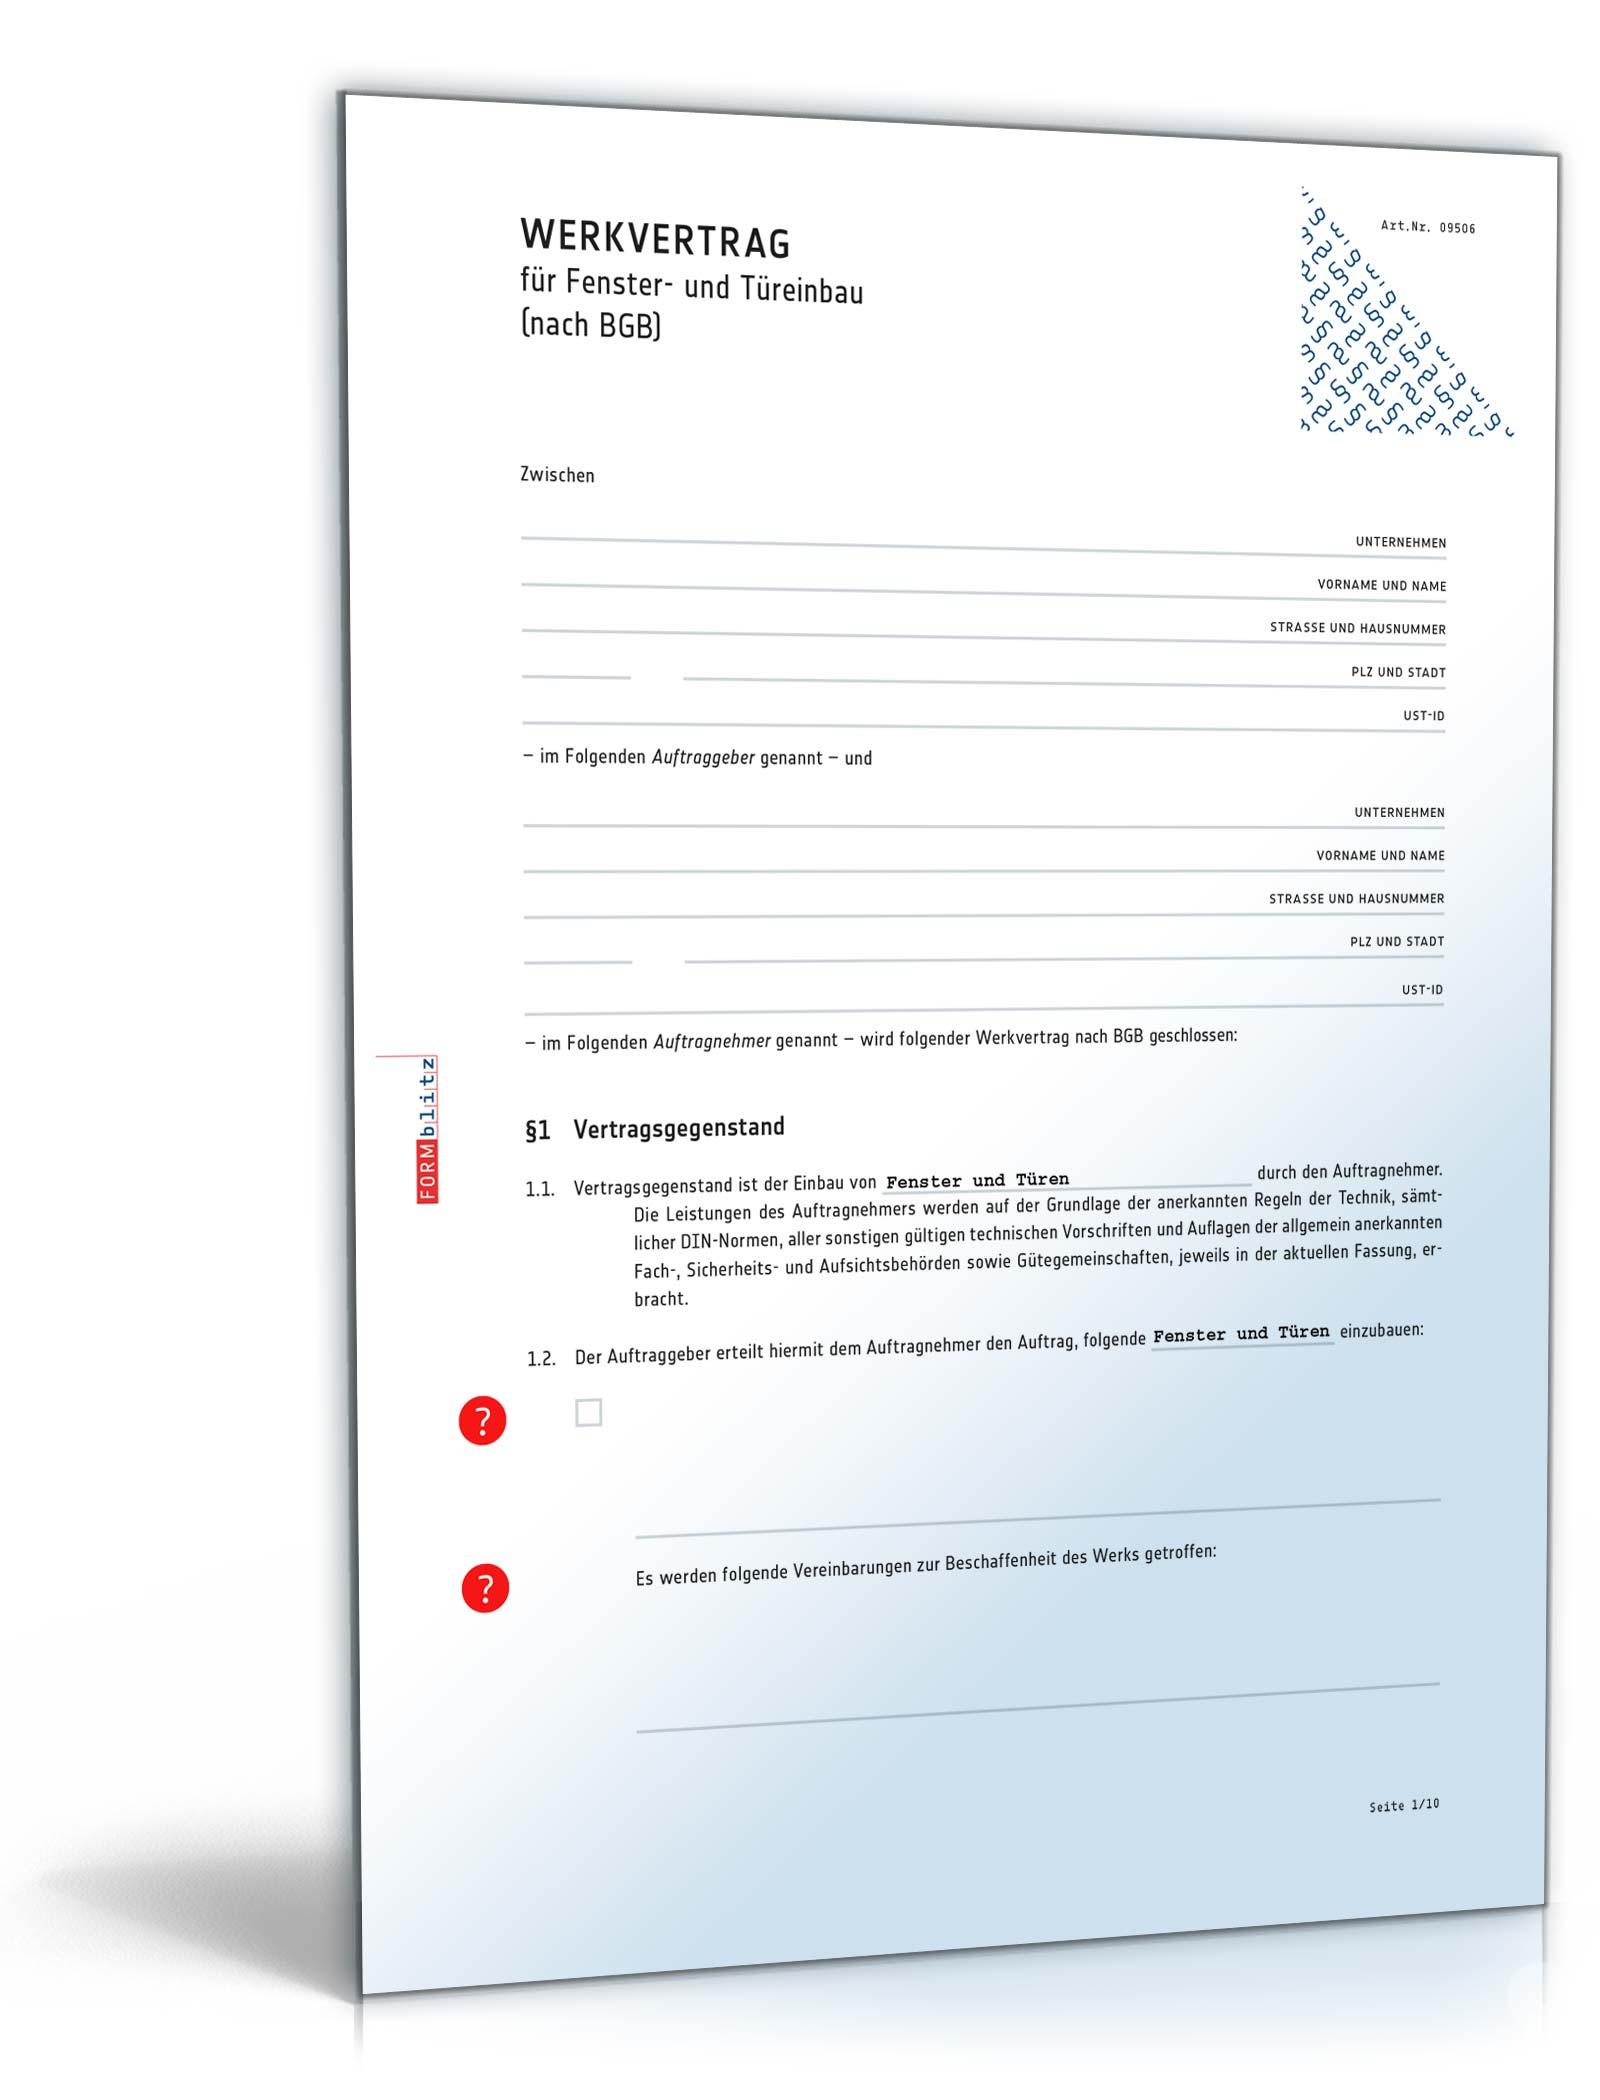 Großzügig Formular Für Serviceanfrageformular Galerie - Beispiel ...